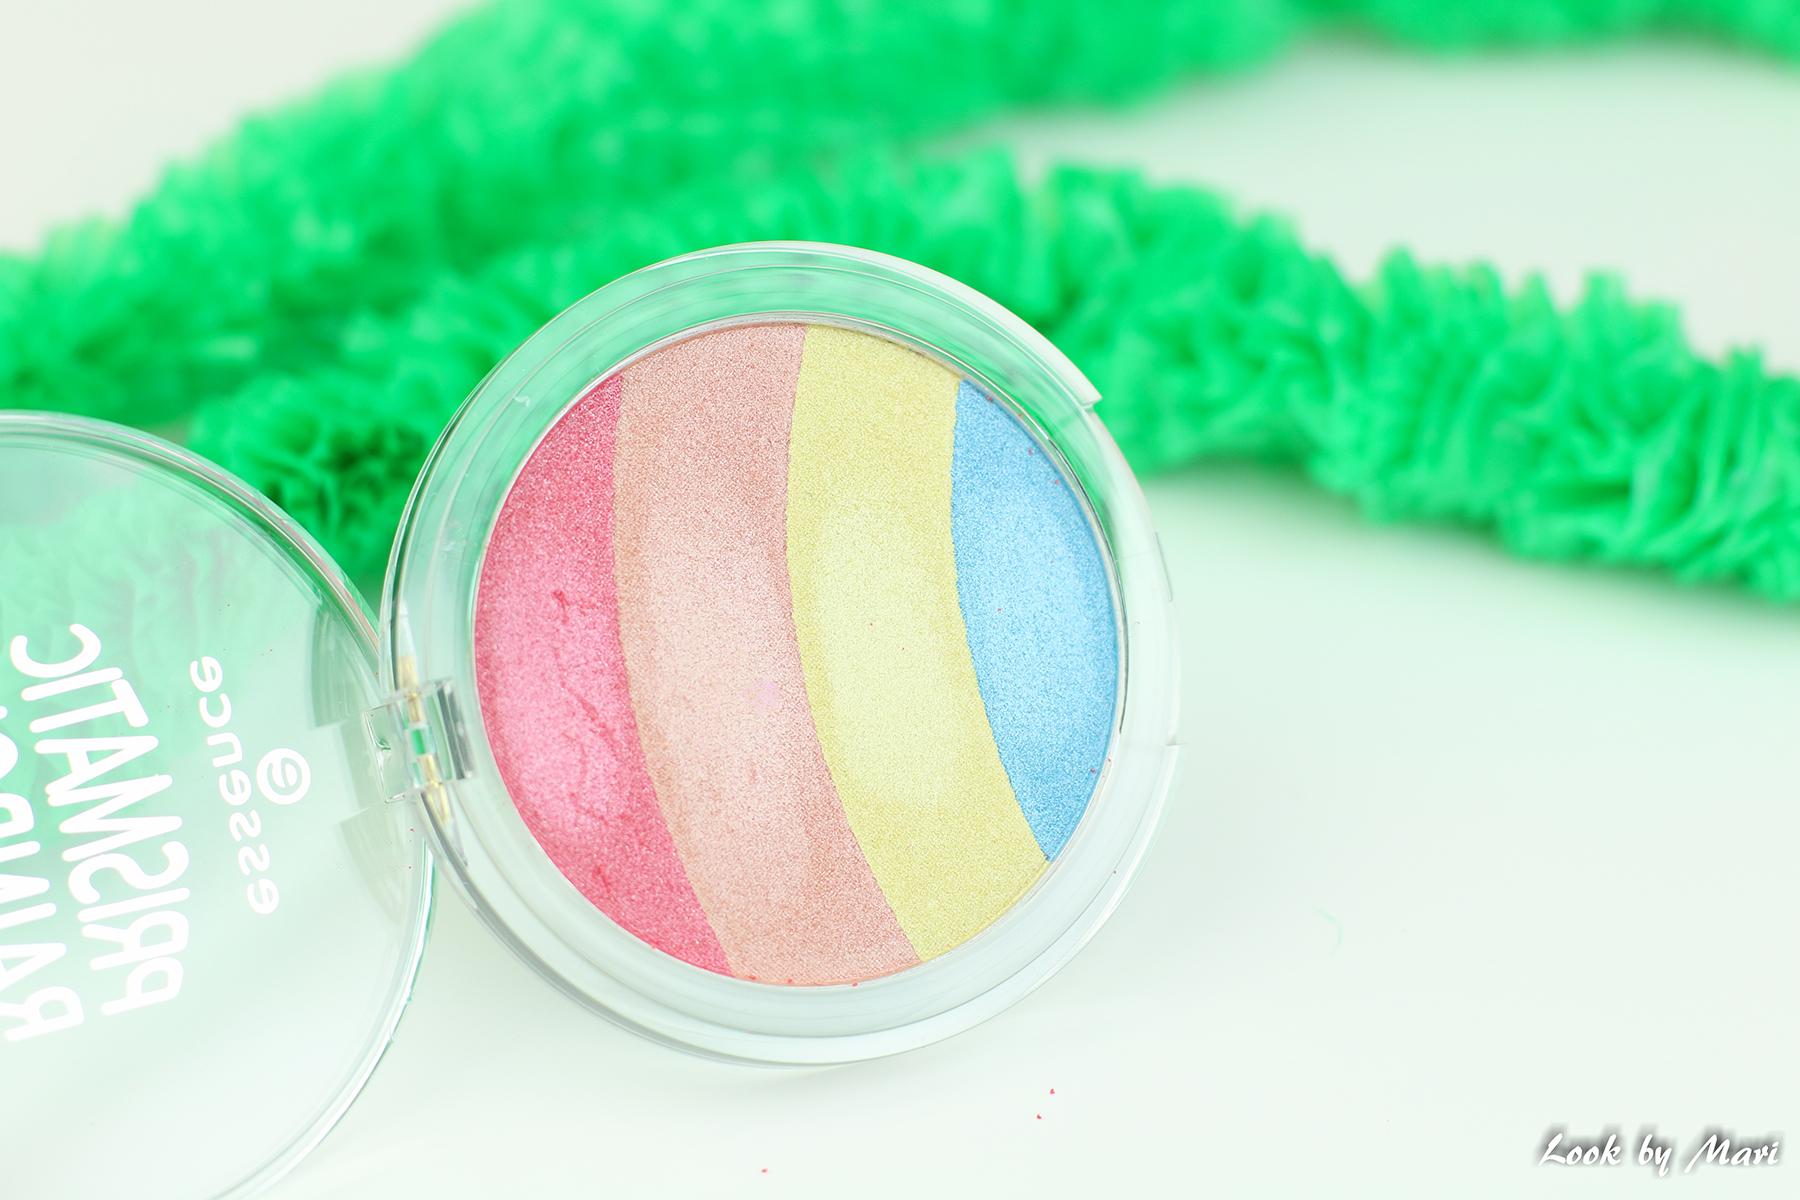 6 essence prismatic rainbow glow highlighter kokemuksia onko hyvä review